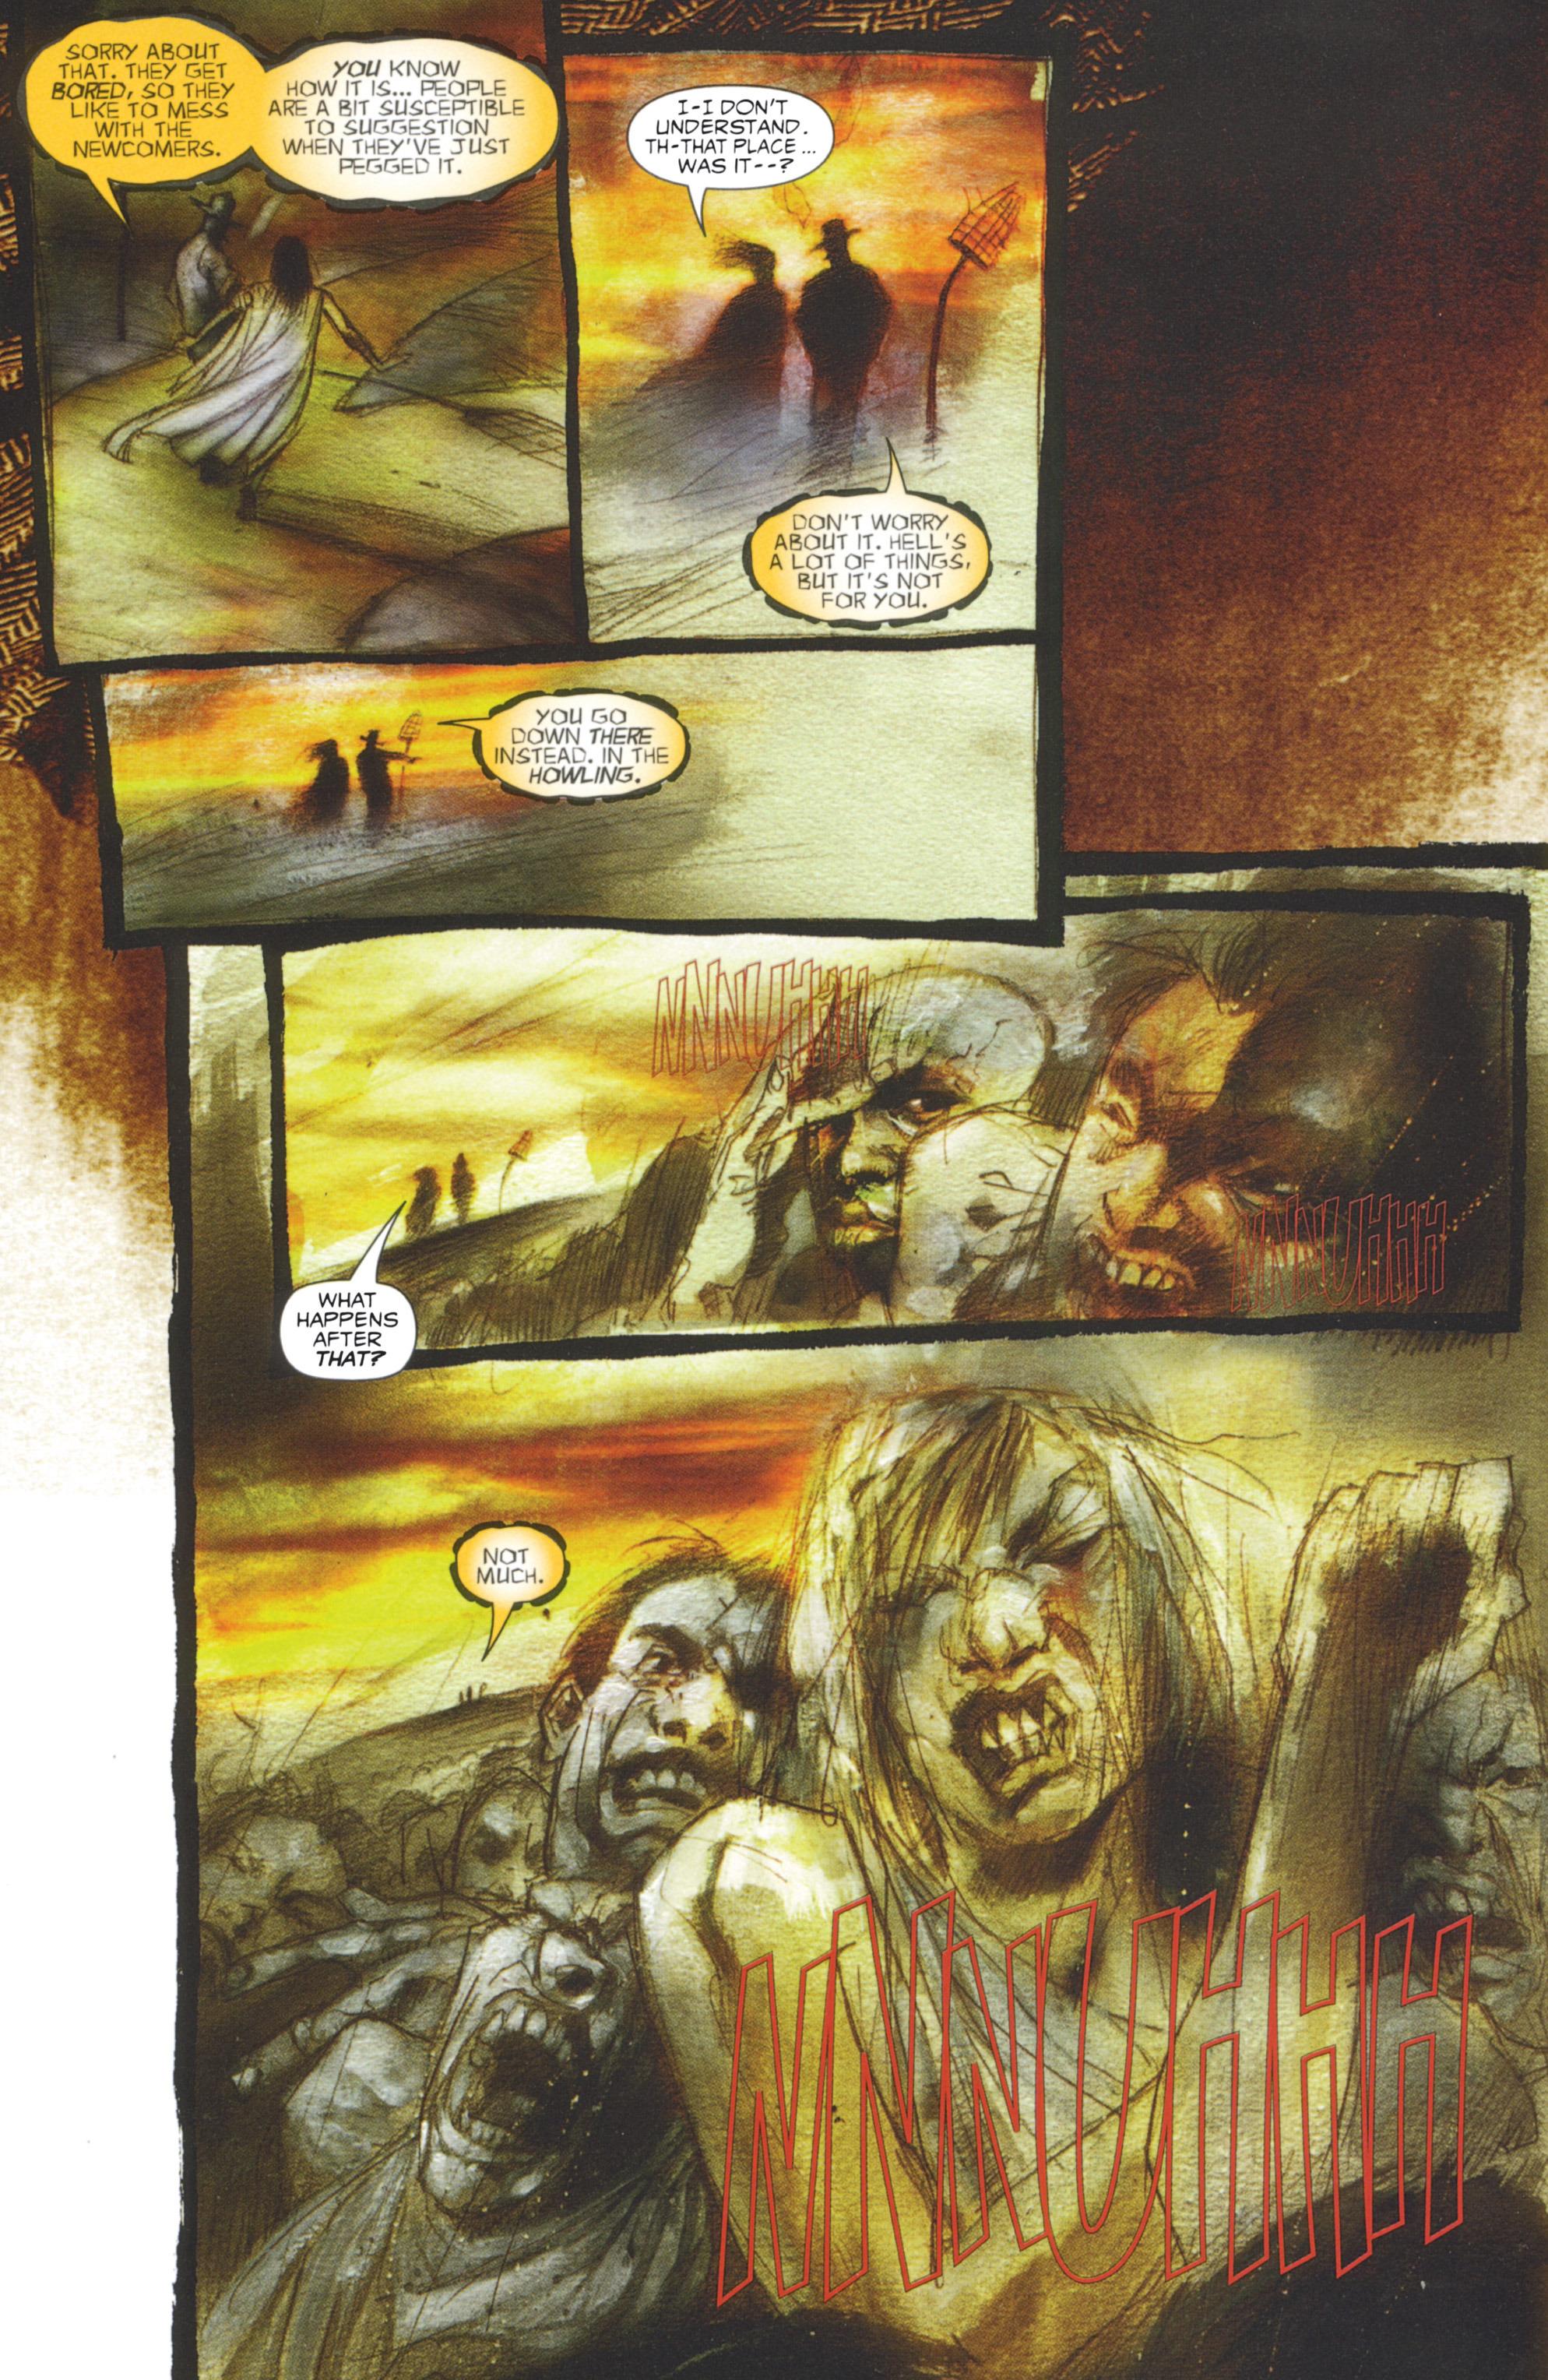 Read online Deadside comic -  Issue #2 - 11